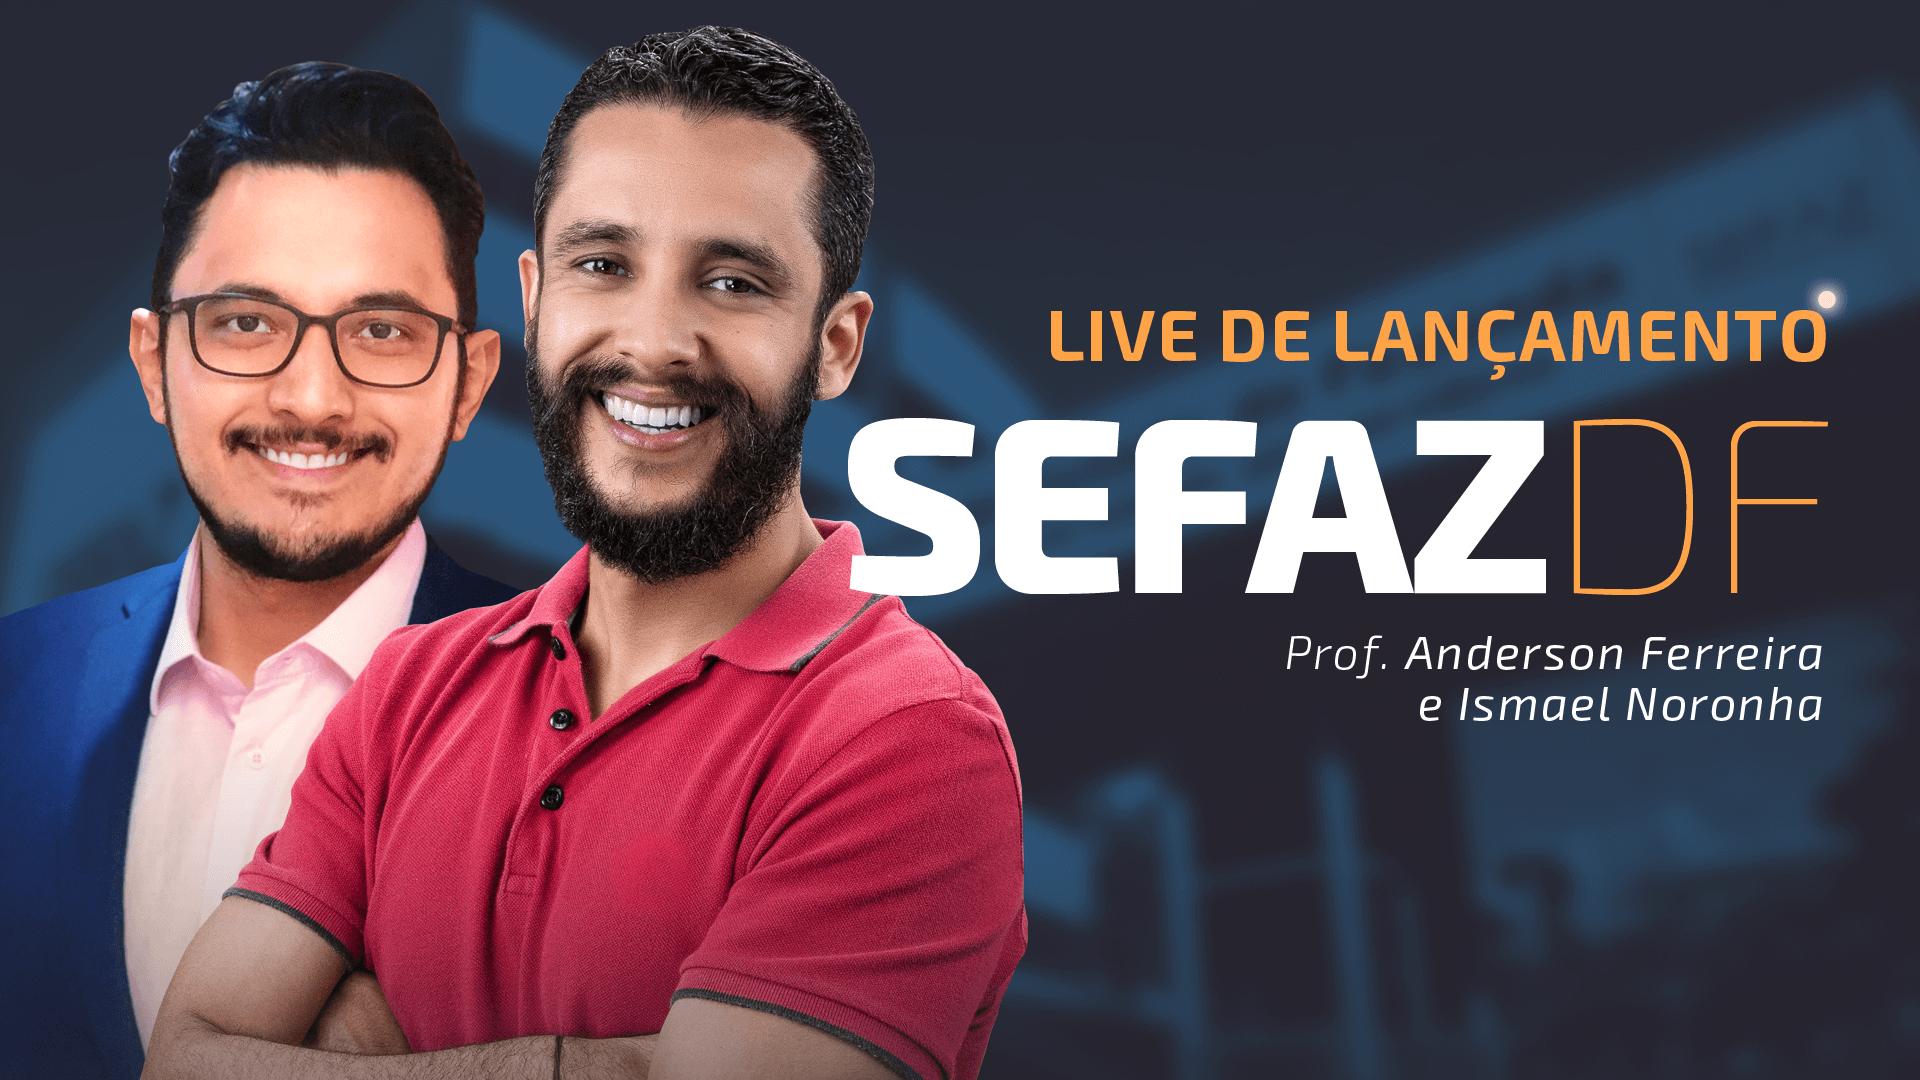 Lançamento da SEFAZDF